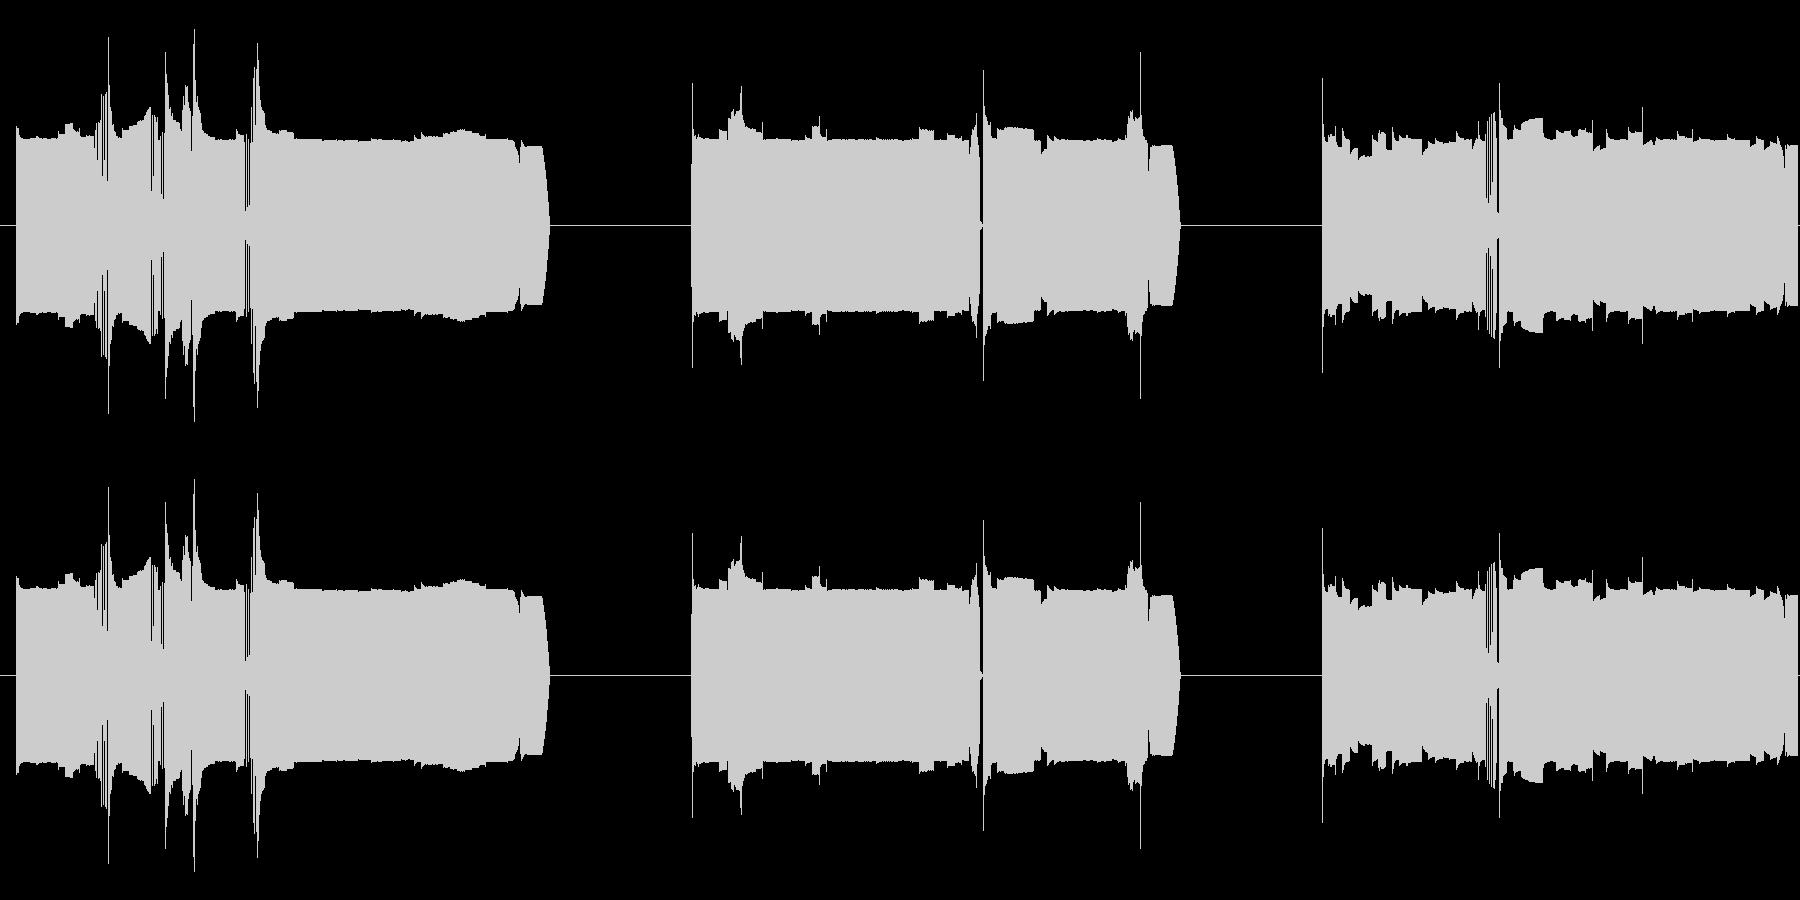 機械 カオスサインディストーション01の未再生の波形